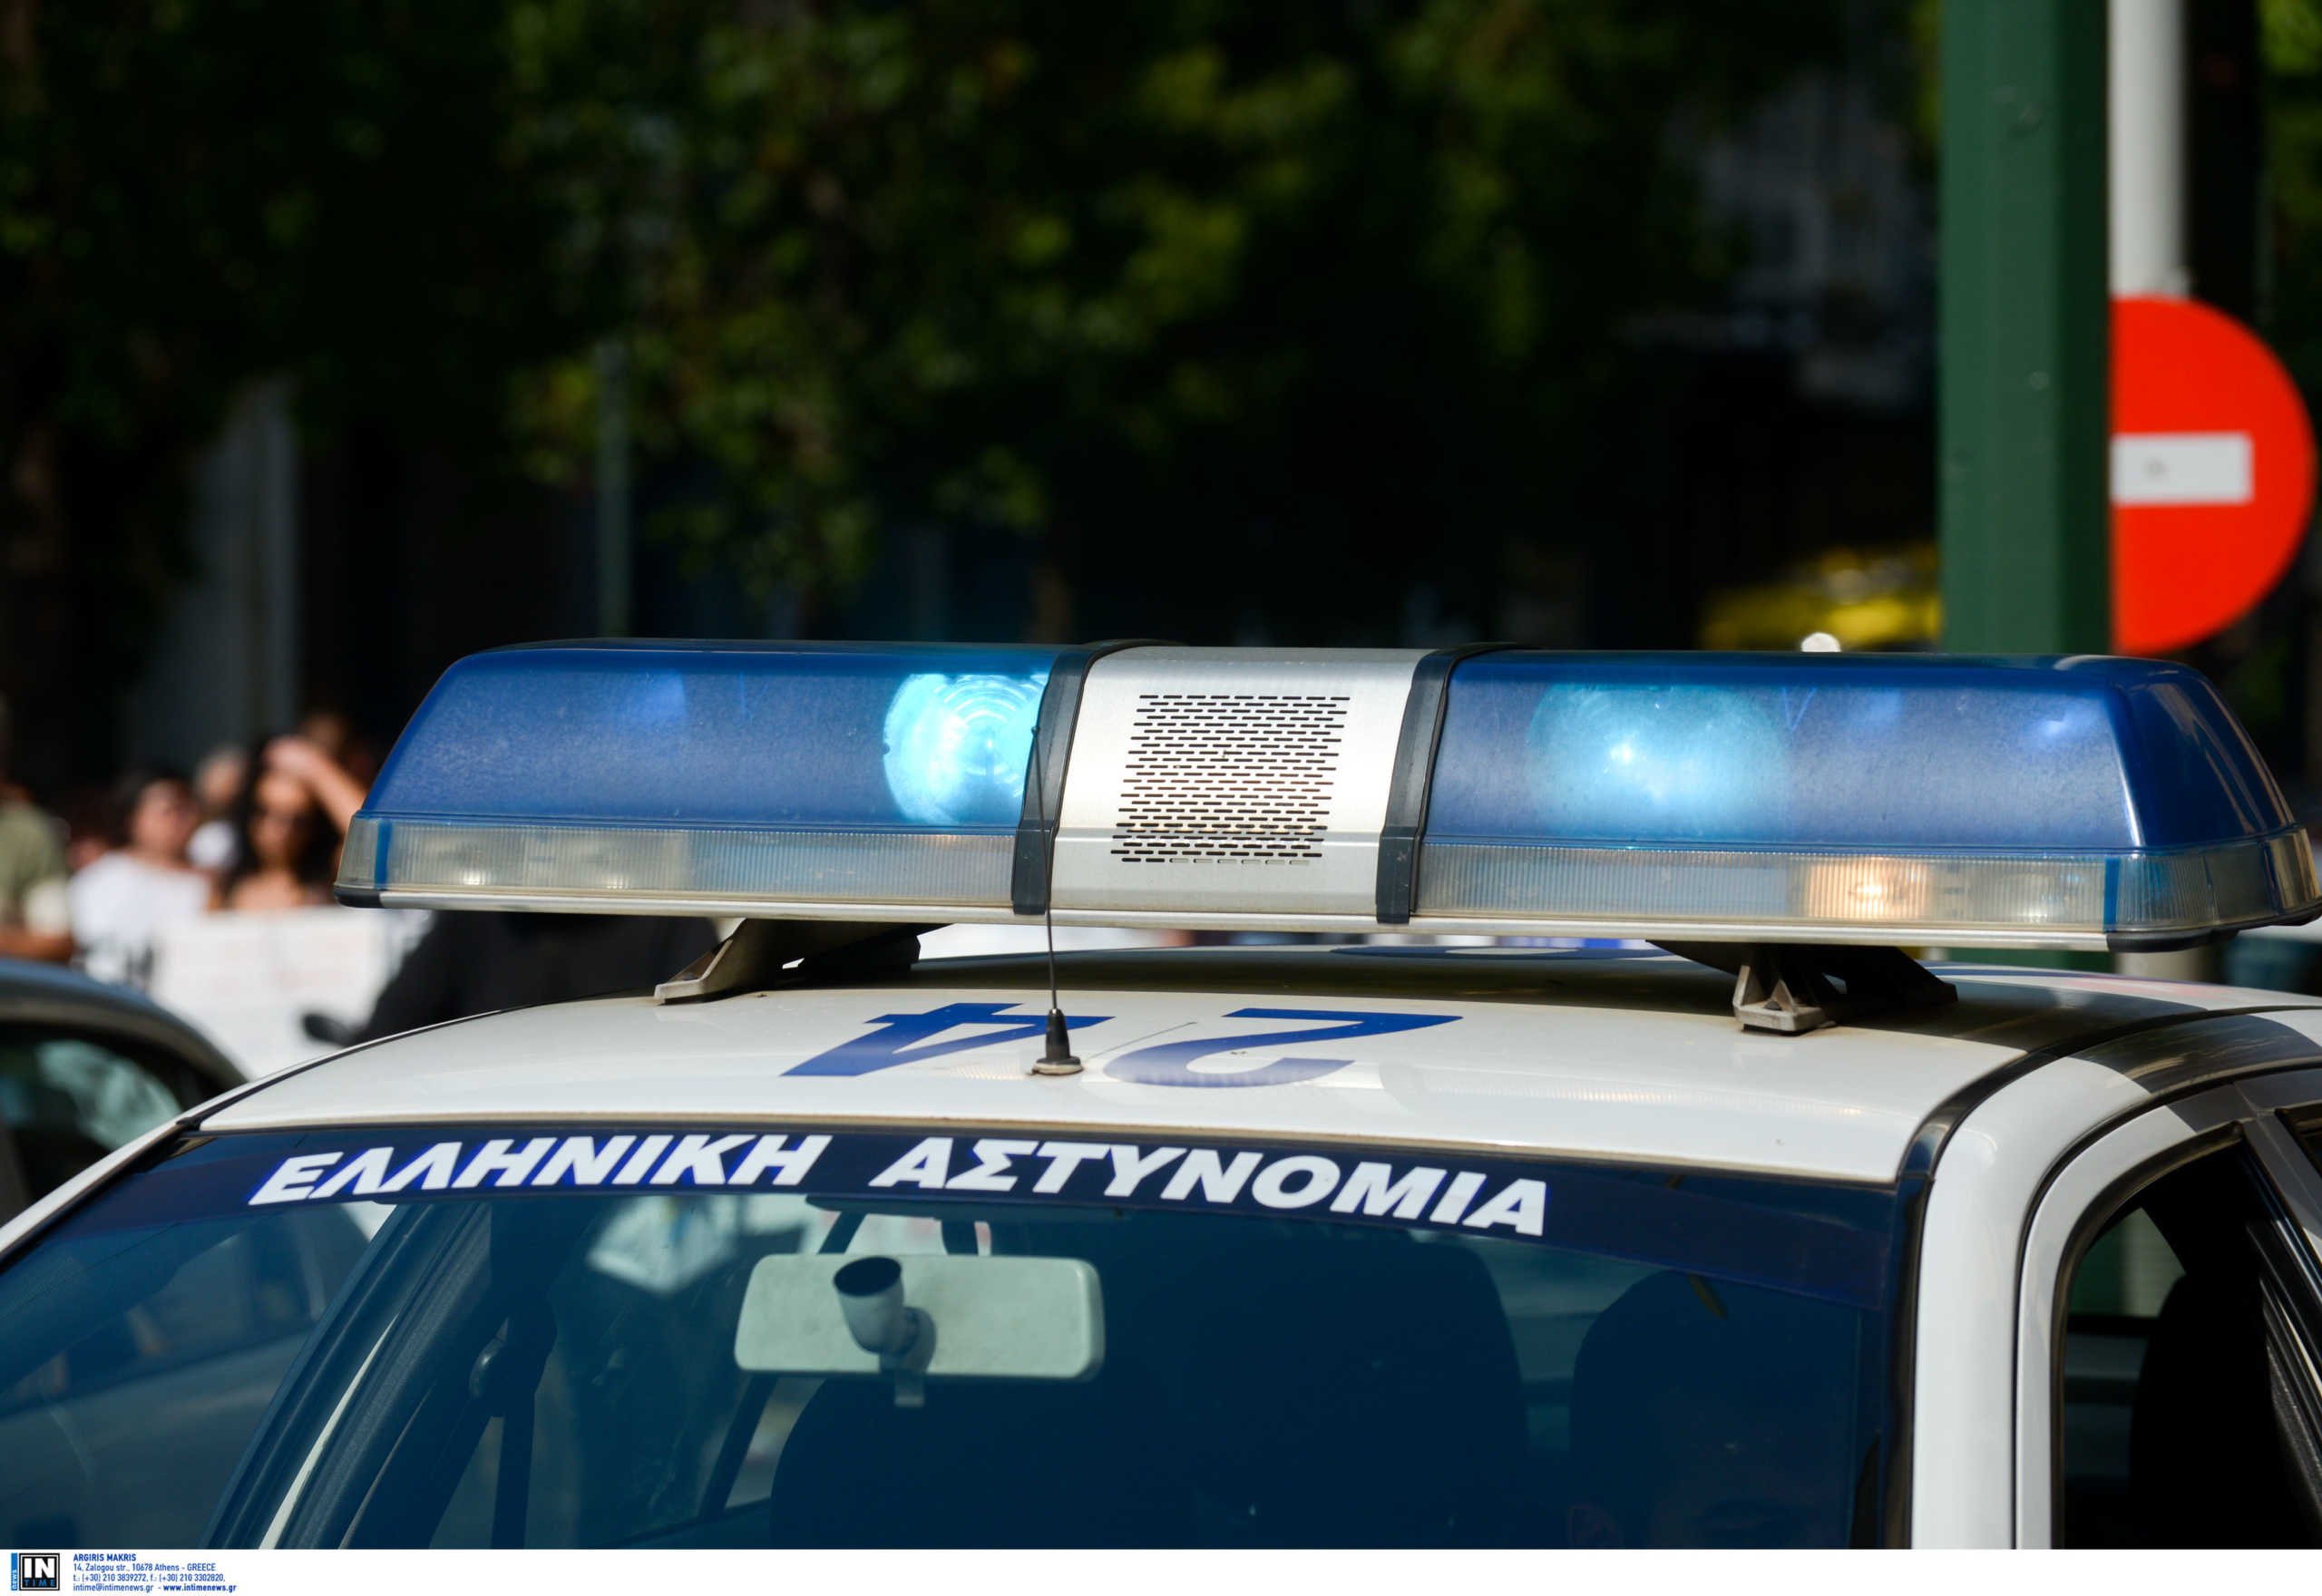 Θεσσαλονίκη: Ταξίδευαν με 52 κιλά χασίς! Ο οδηγός είδε το μπλόκο της αστυνομίας την τελευταία στιγμή